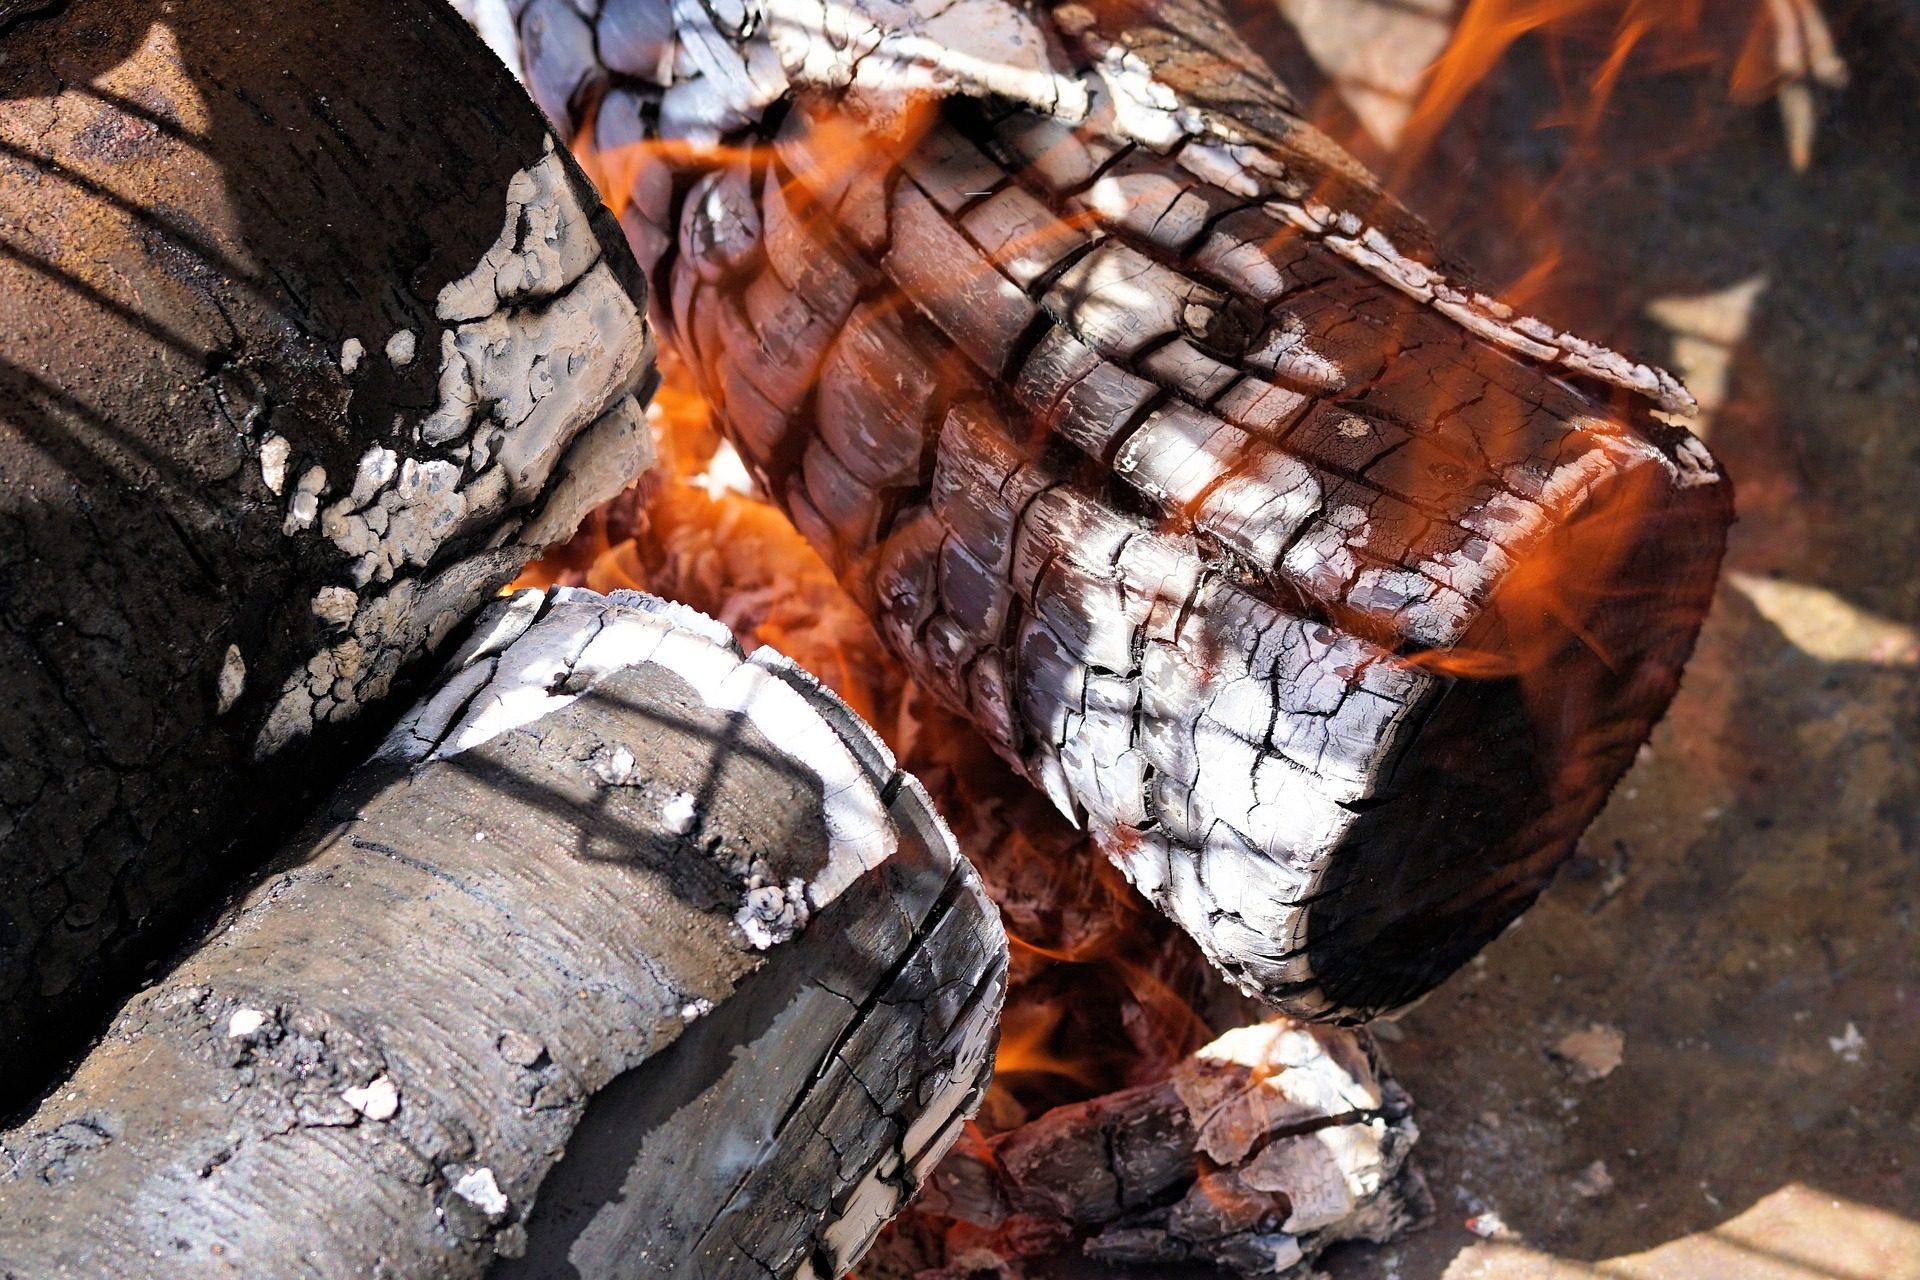 feu, braises, charbon, feu de joie, flammes - Fonds d'écran HD - Professor-falken.com